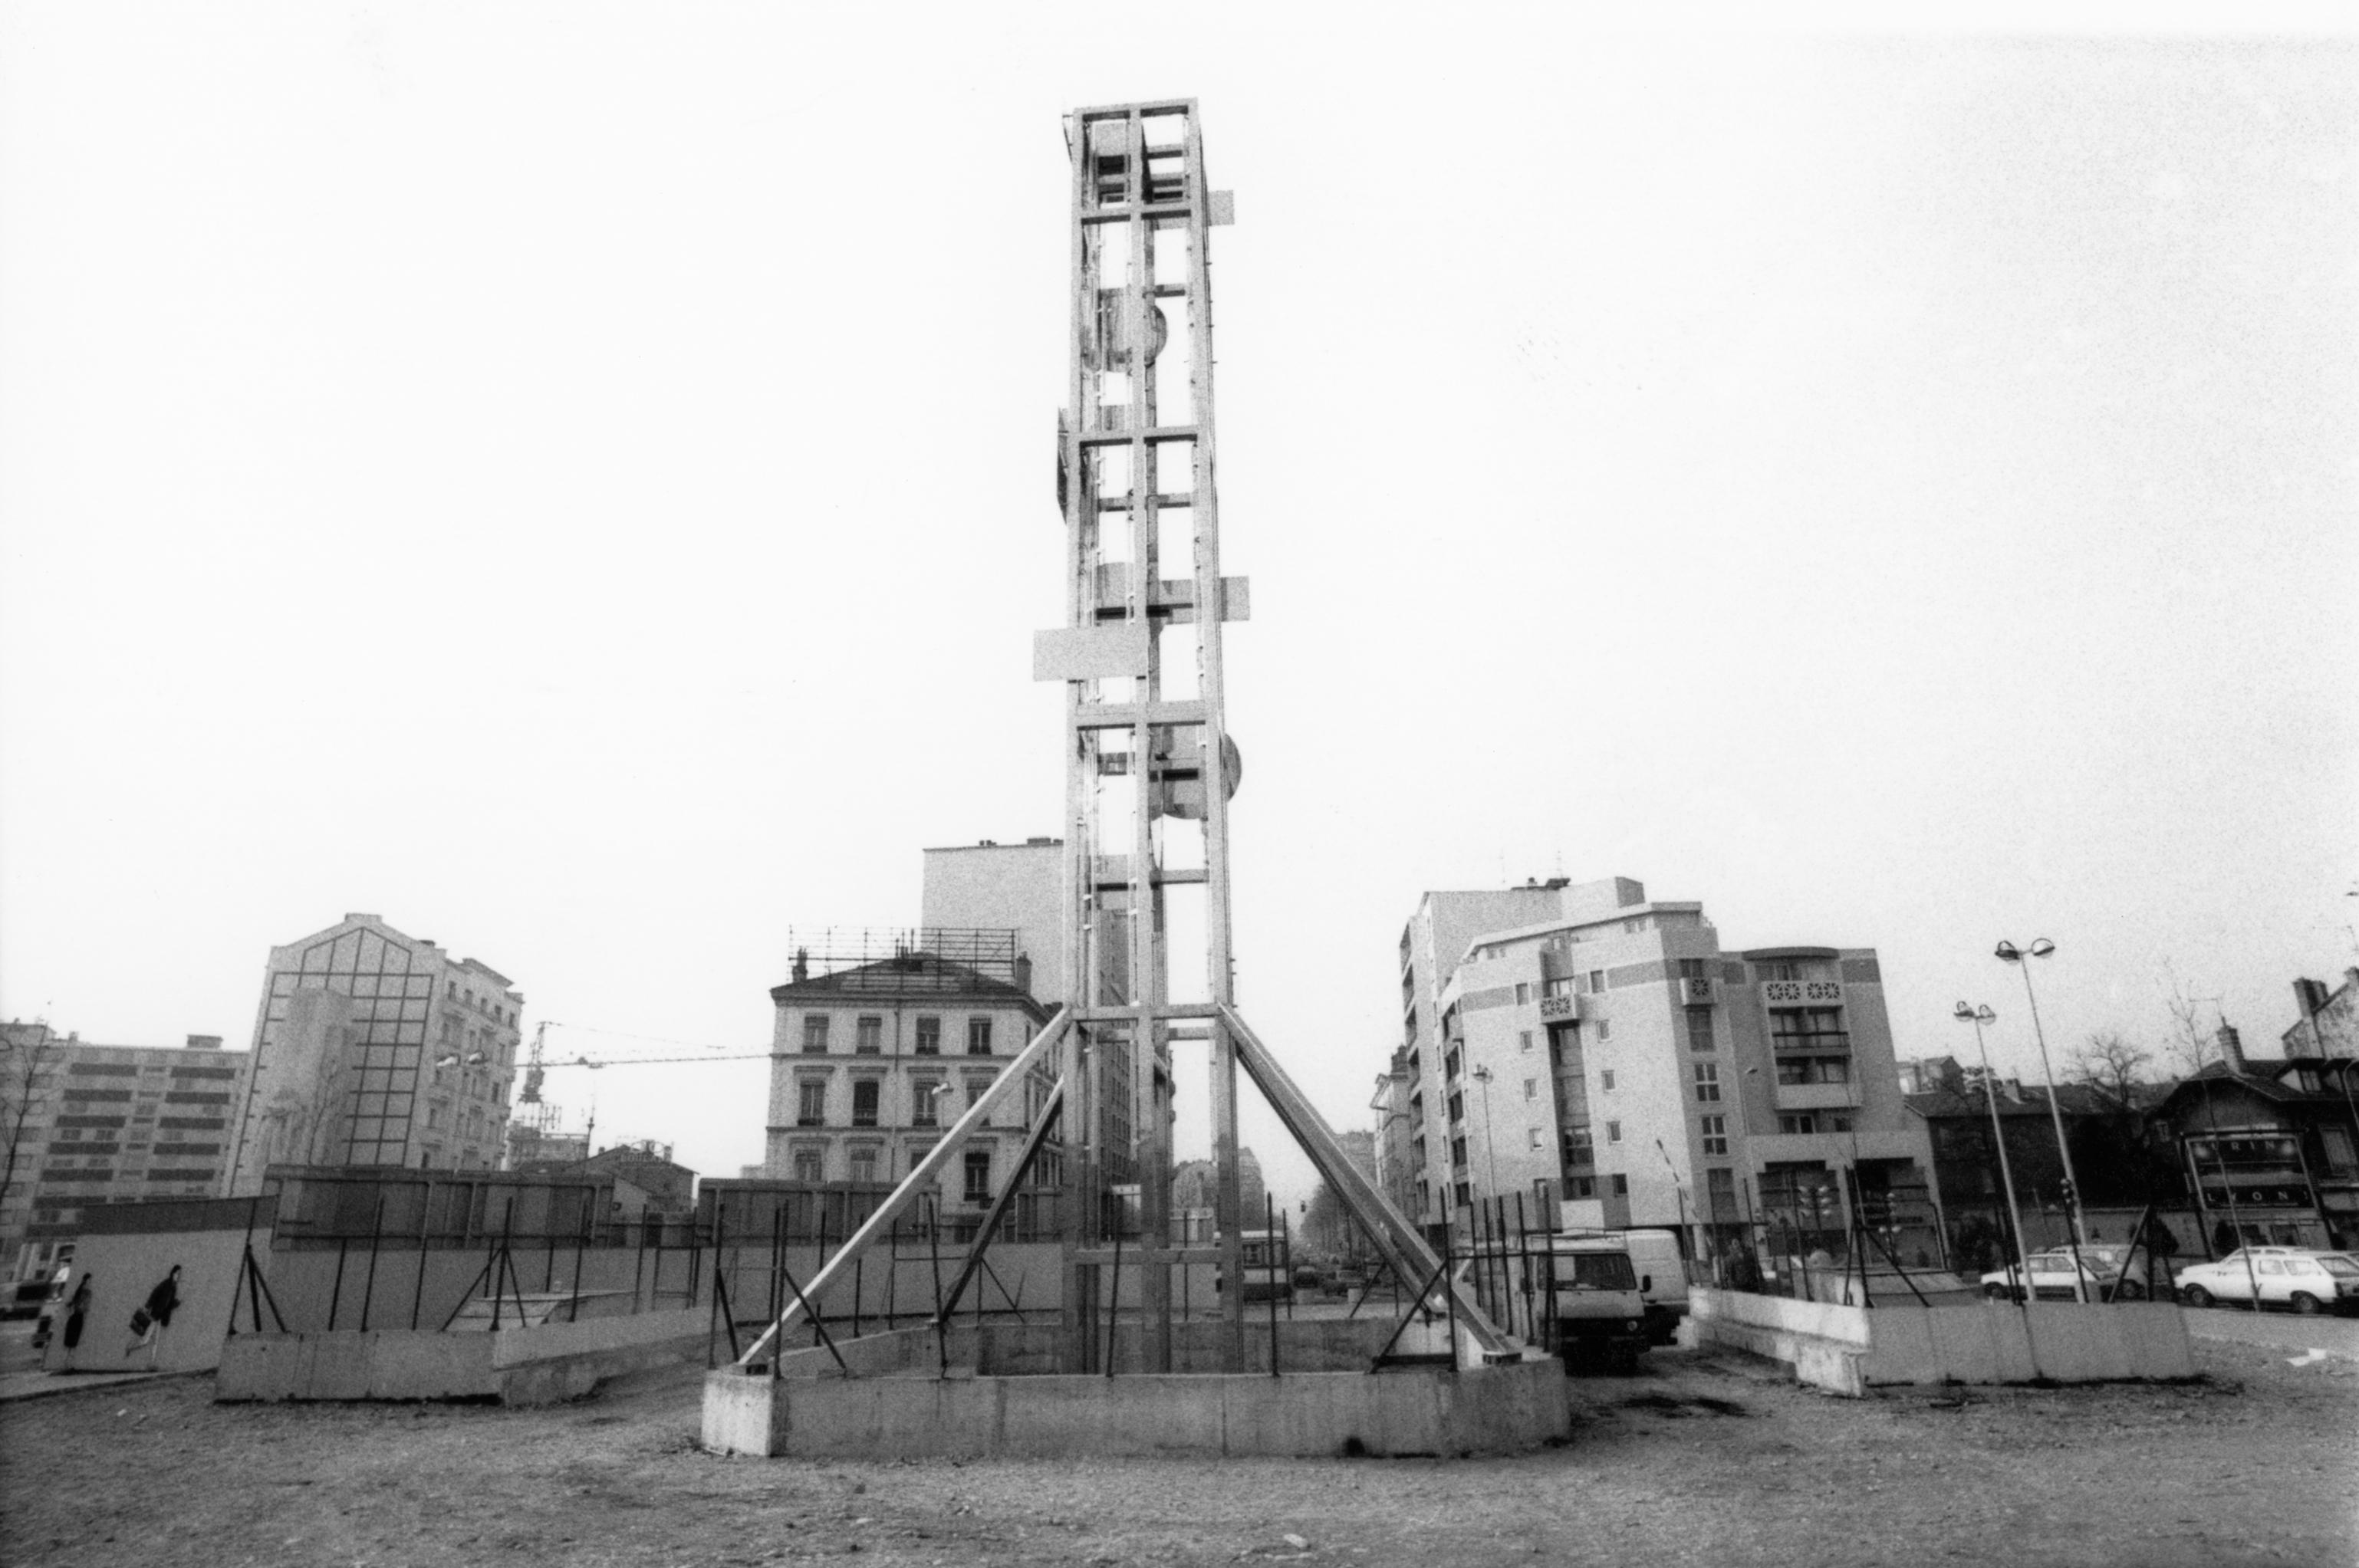 Photographes en rh ne alpes la sculpture sur la place grange blanche - Hotel lyon grange blanche ...